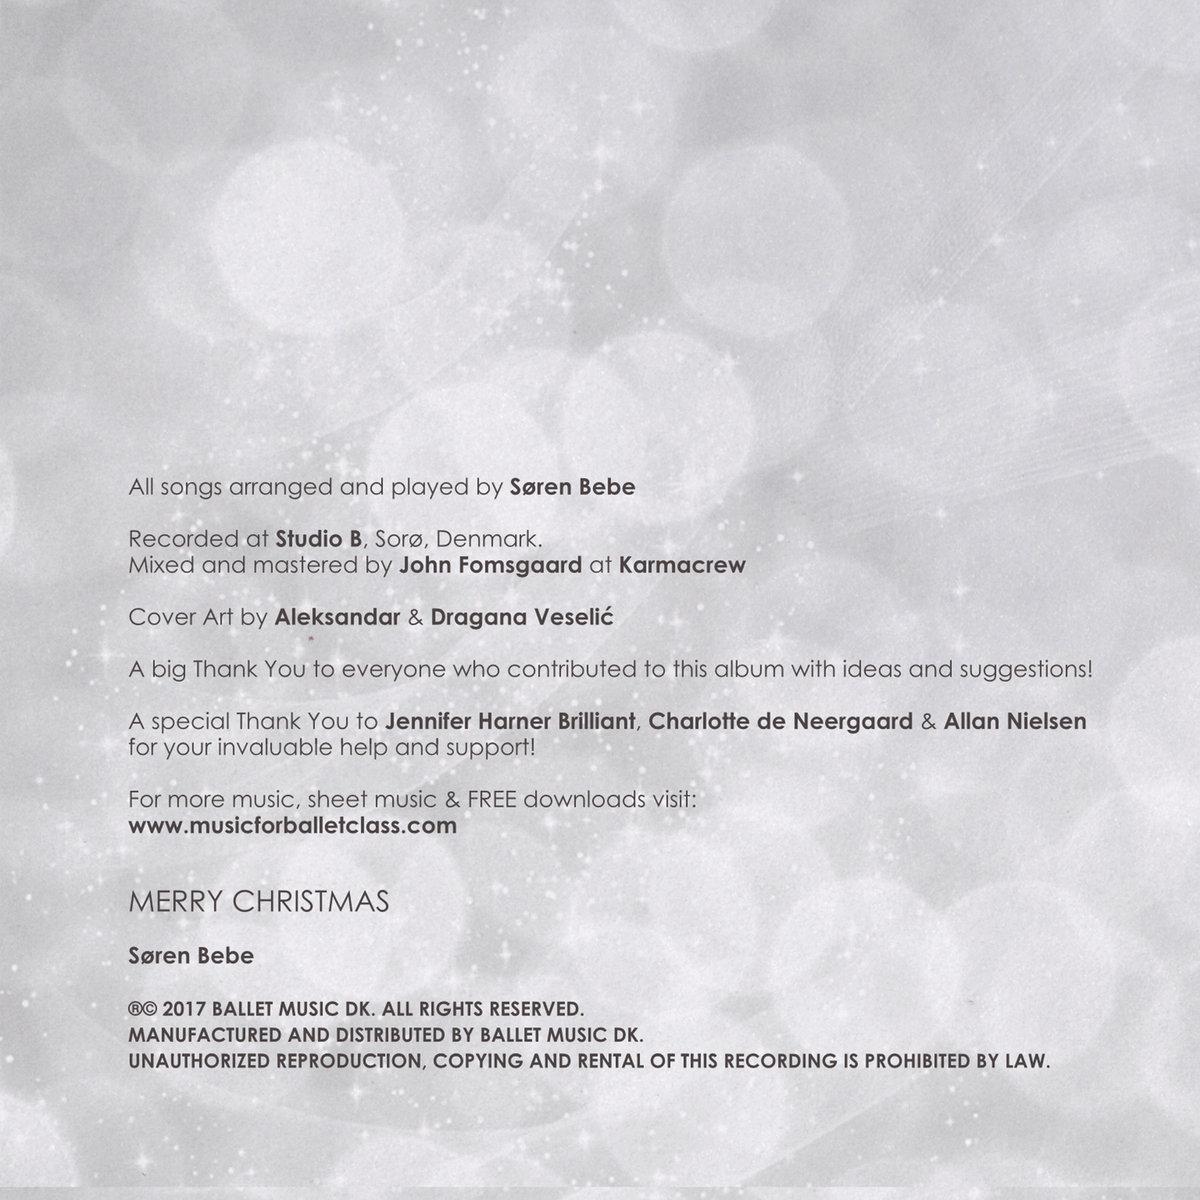 Christmas Music for Ballet Class | Søren Bebe